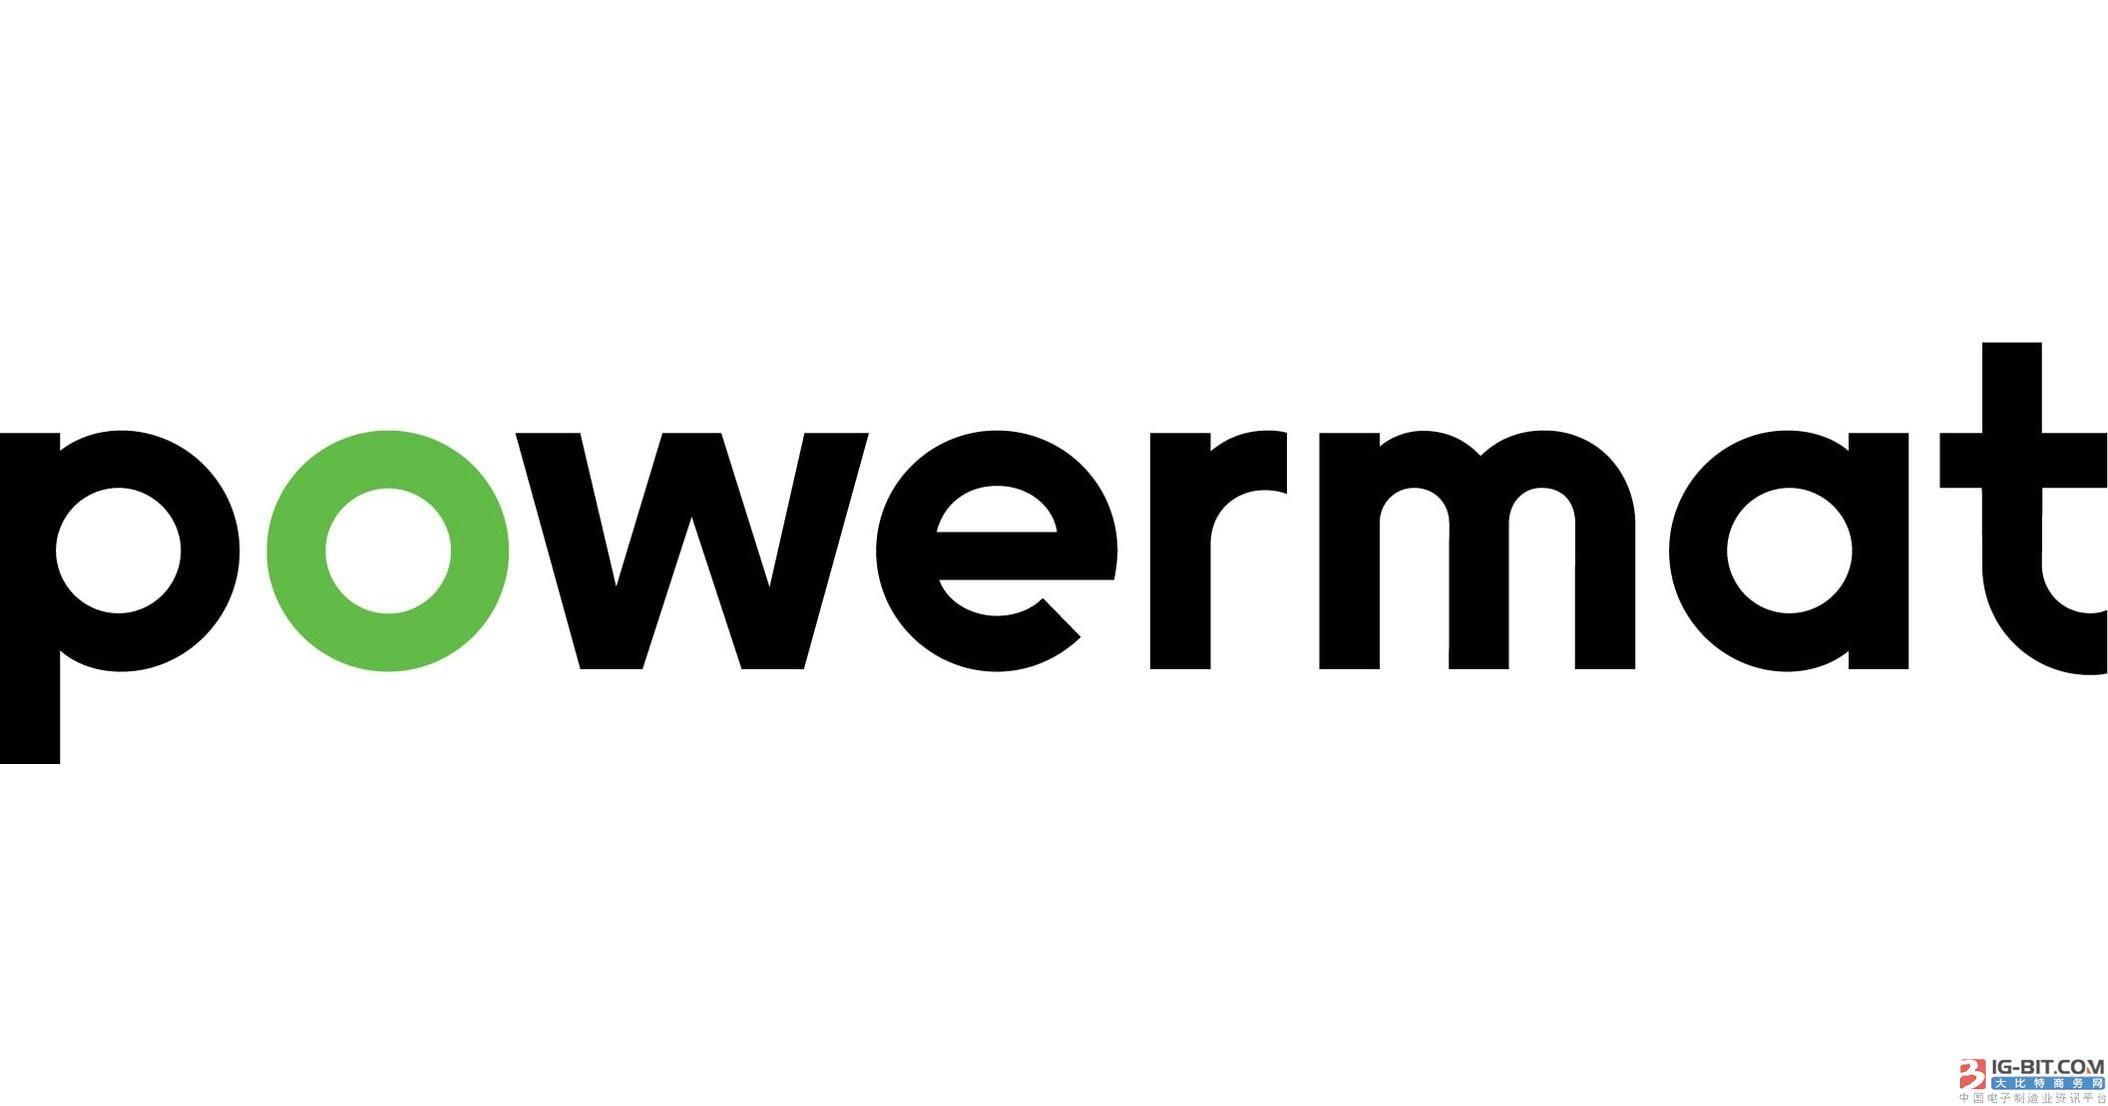 Powermat加入无线充电联盟,推动感应式无线充电